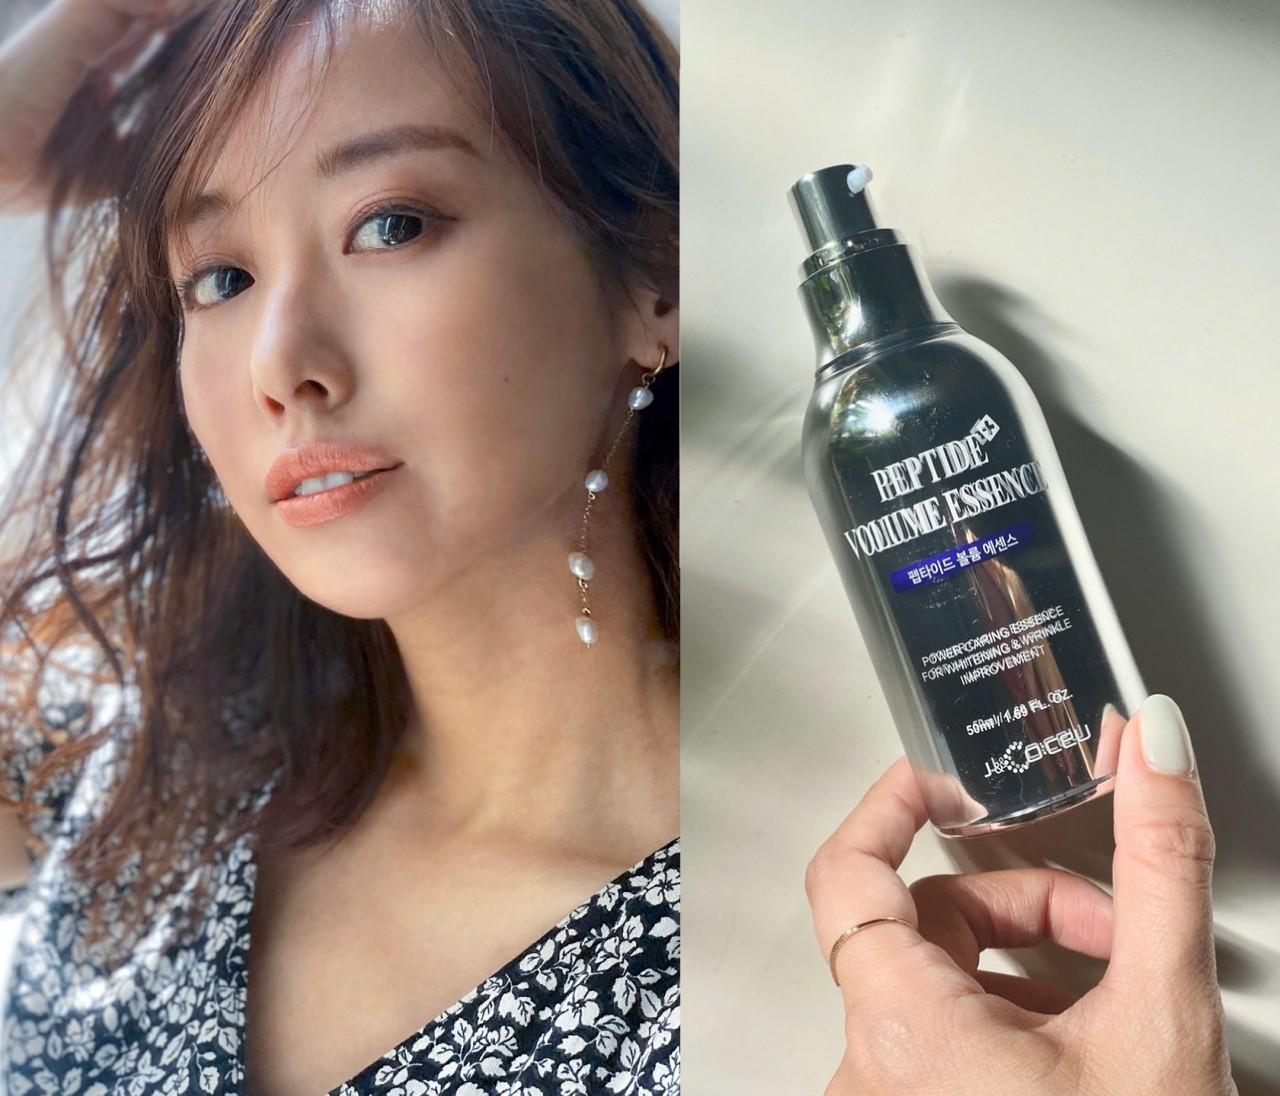 【韓国スキンケア】おこもり美容で艶肌を目指すならこれ!